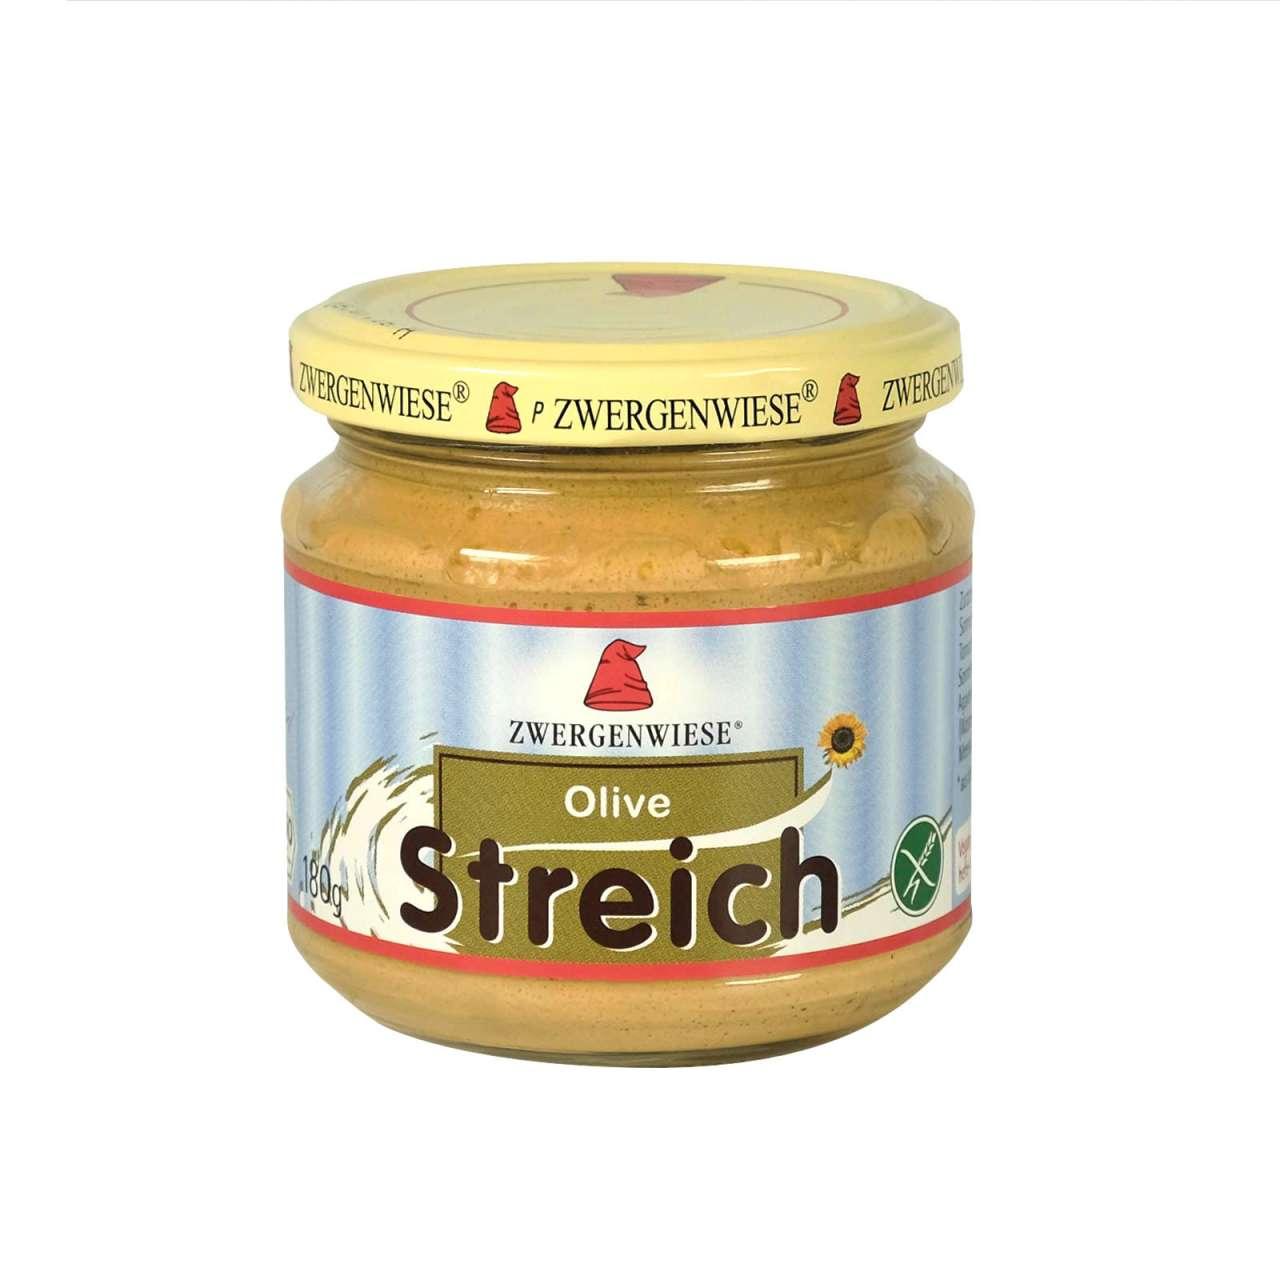 Angebotsbild für Olivenaufstrich - Mediterraner Zwergenwiese Aufstrich vegan von PureNature